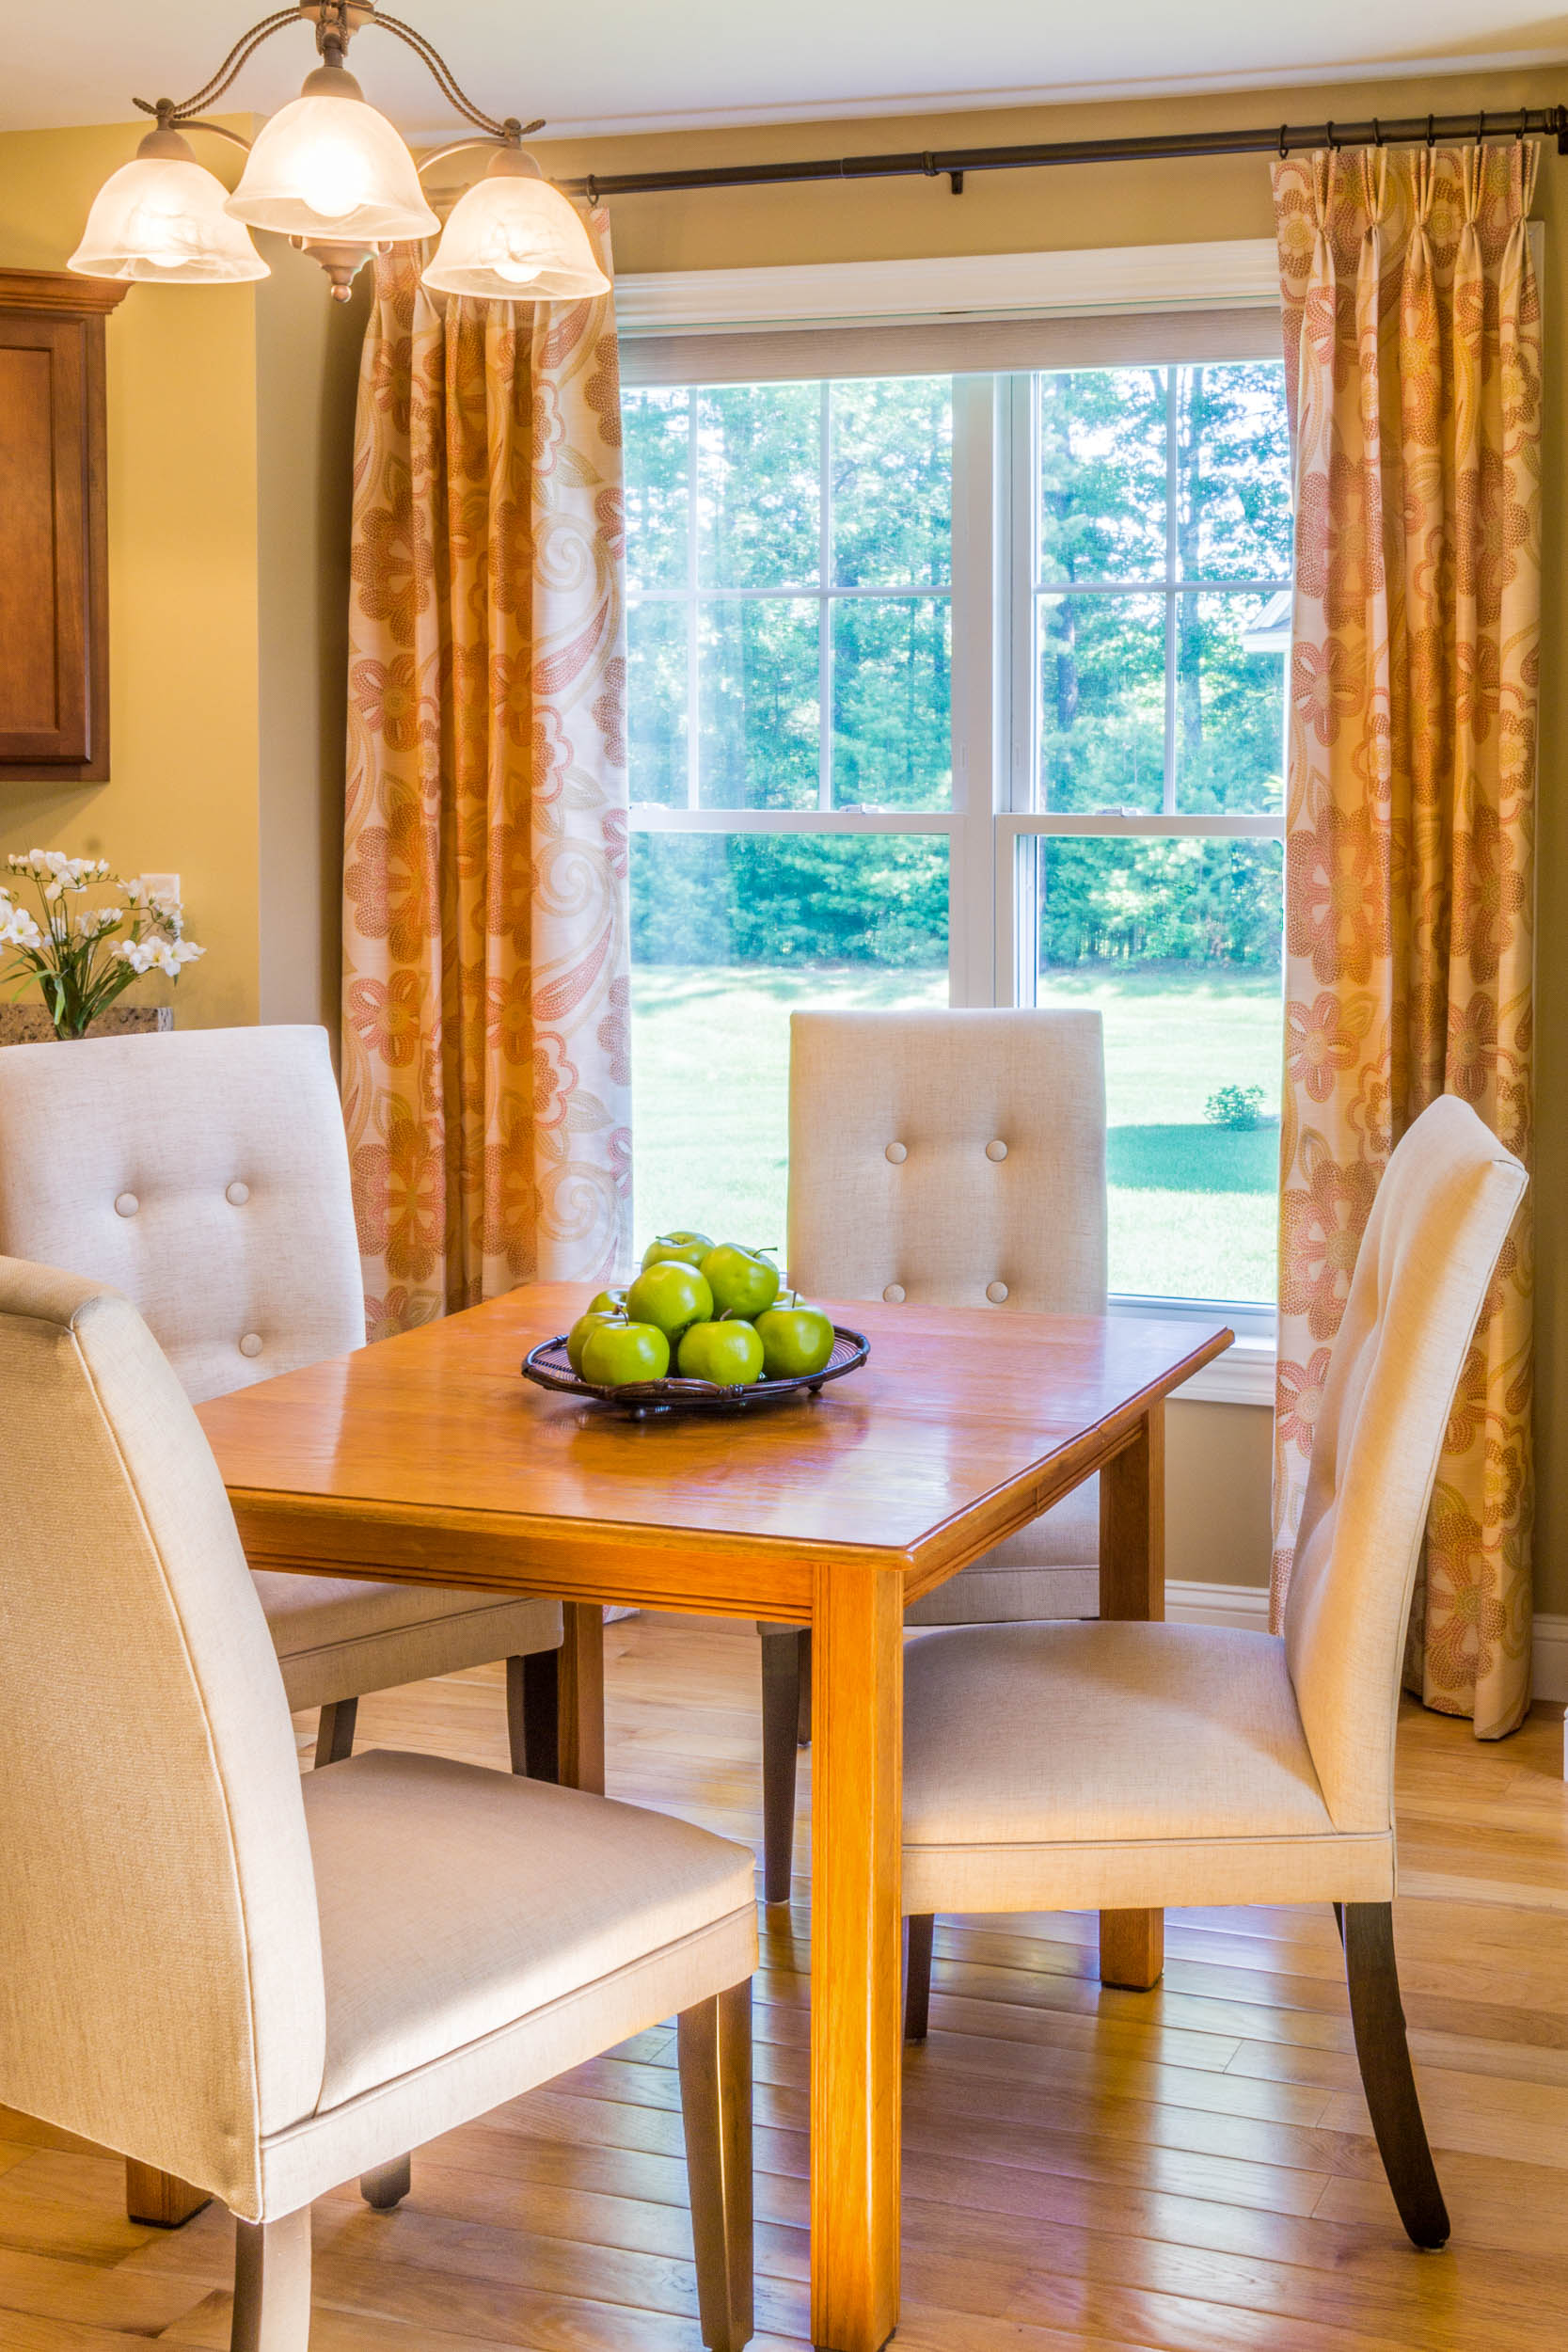 Condominium interior design in Pelham, NH